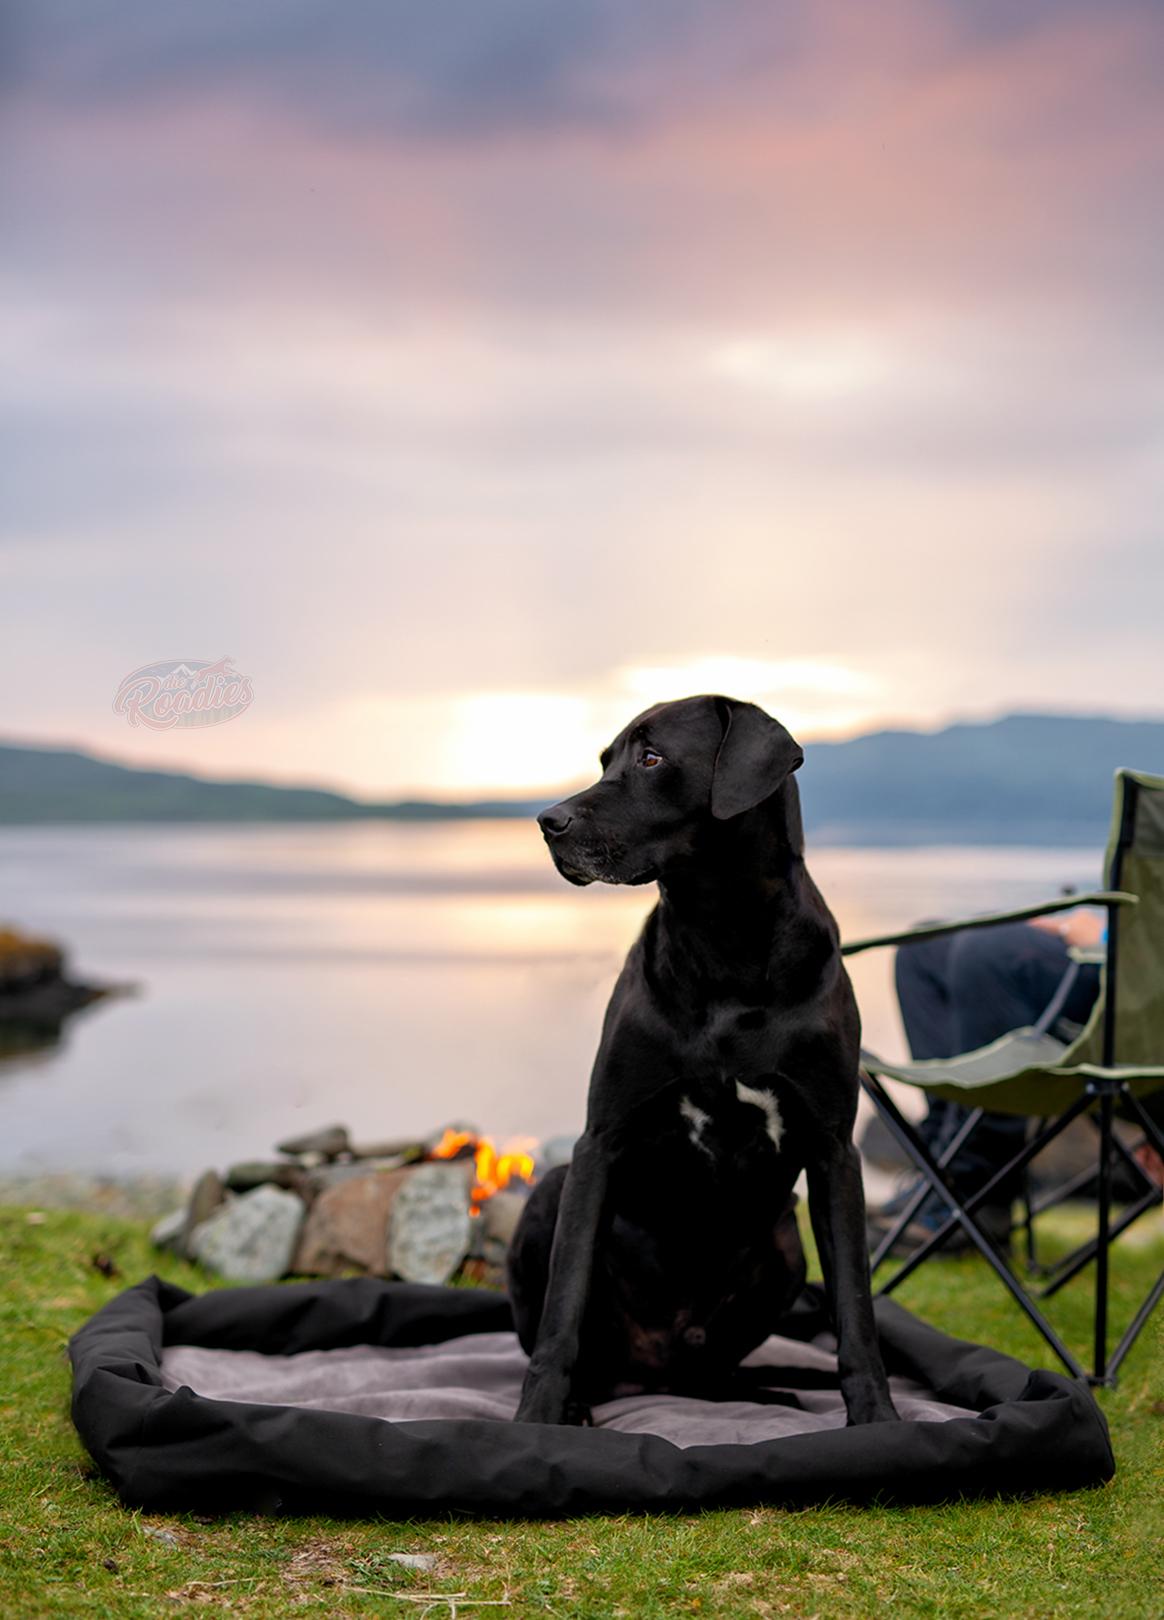 Einpackliste_Hund_was einpackewn für Hund_Urlaub_Reise